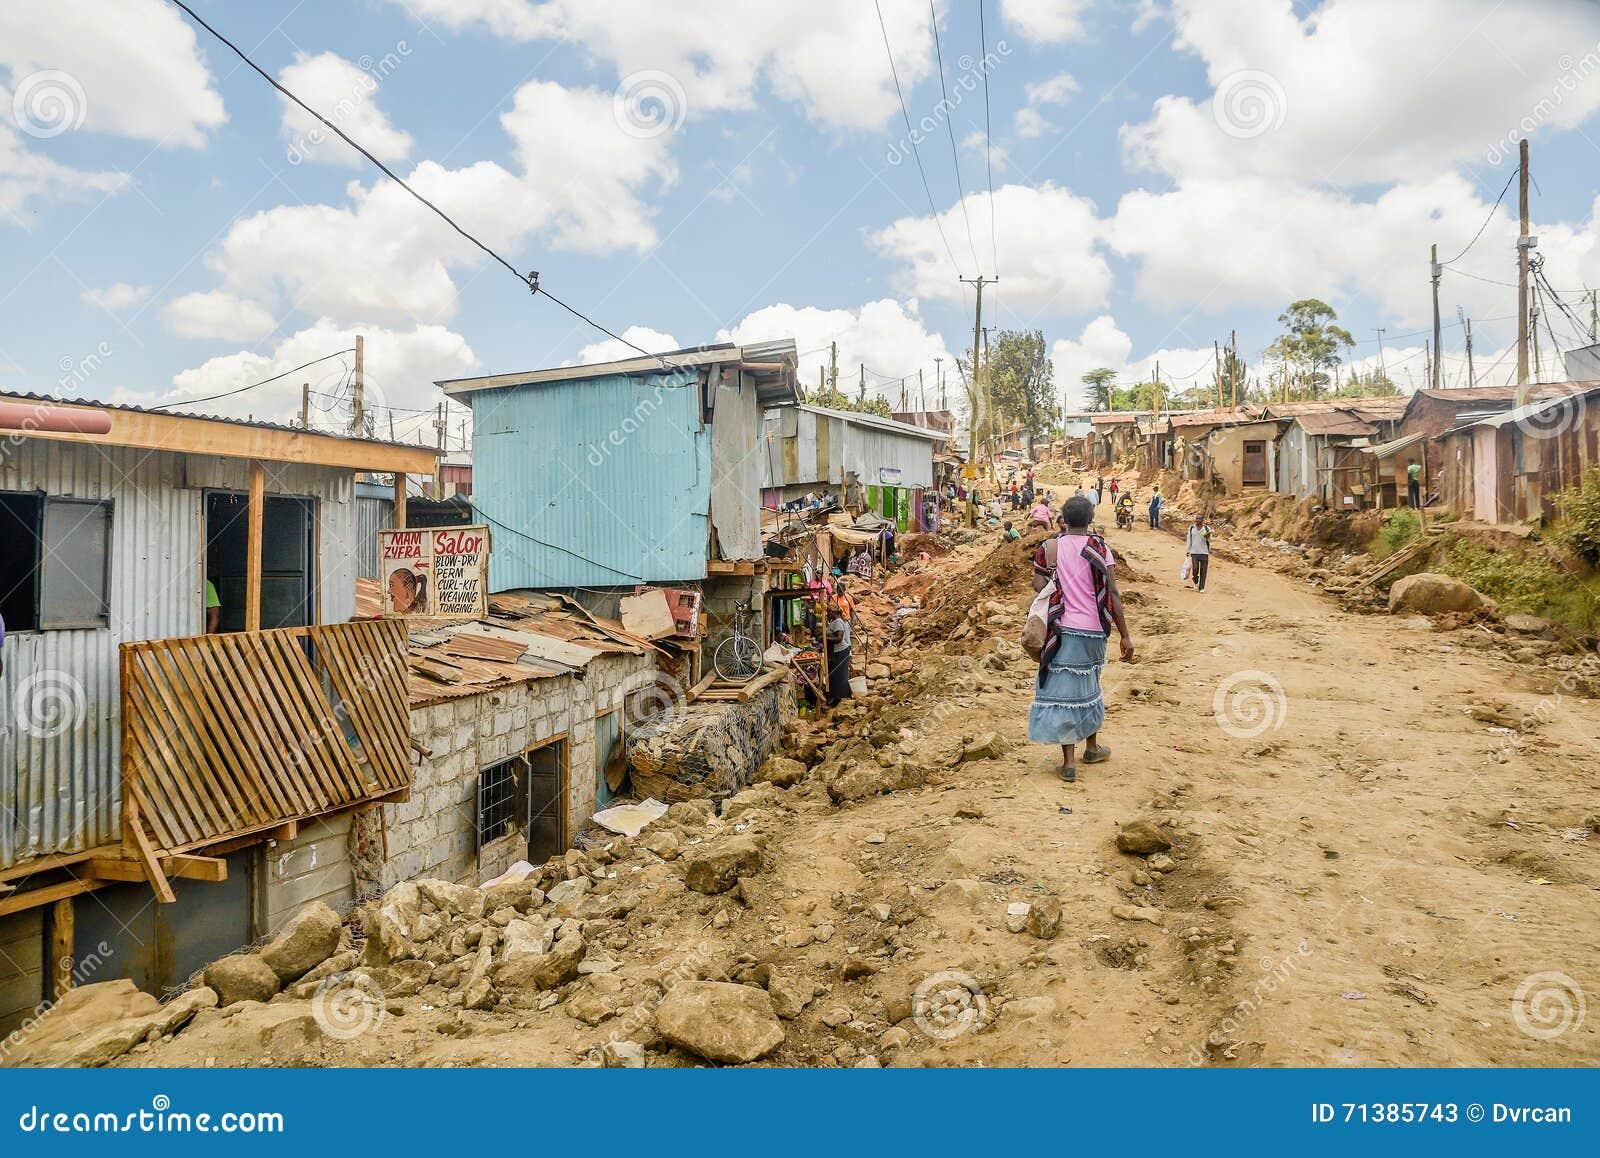 Vida de cada día de la población local de los tugurios de Kibera en Nairobi, Kenia